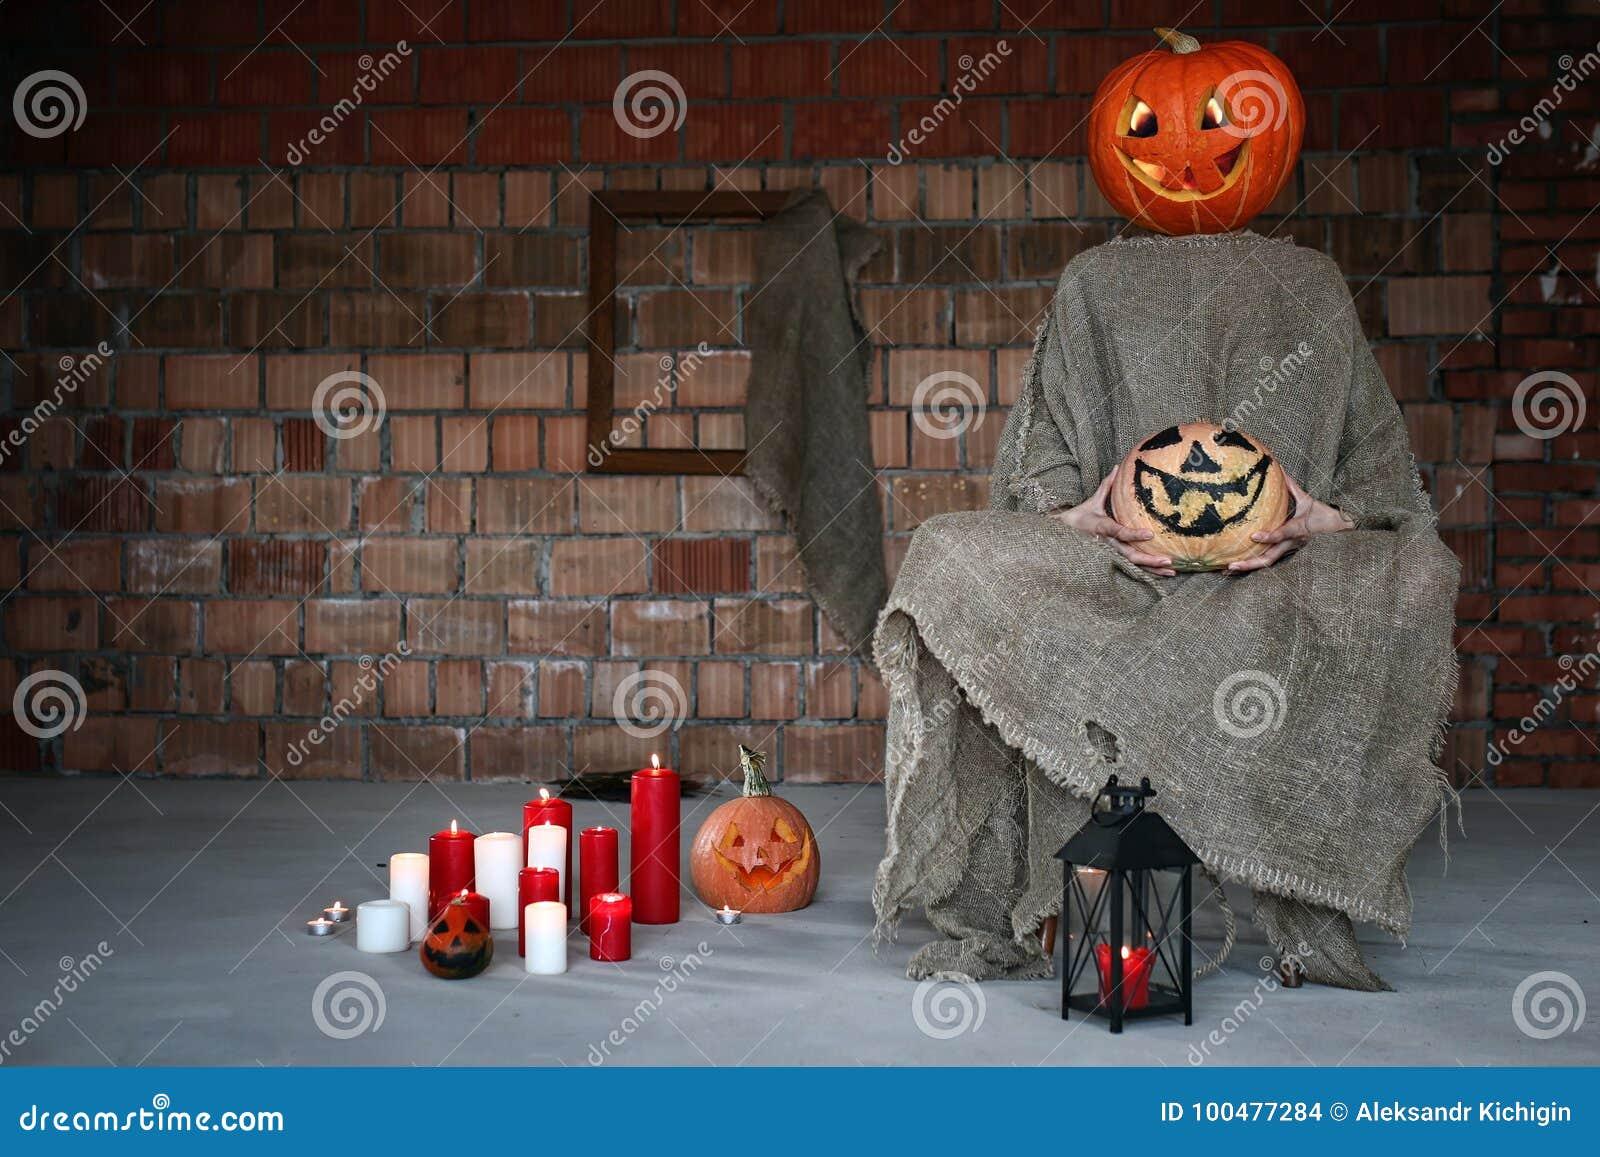 pumpkin head monster horror indoor stock photo - image of decoration